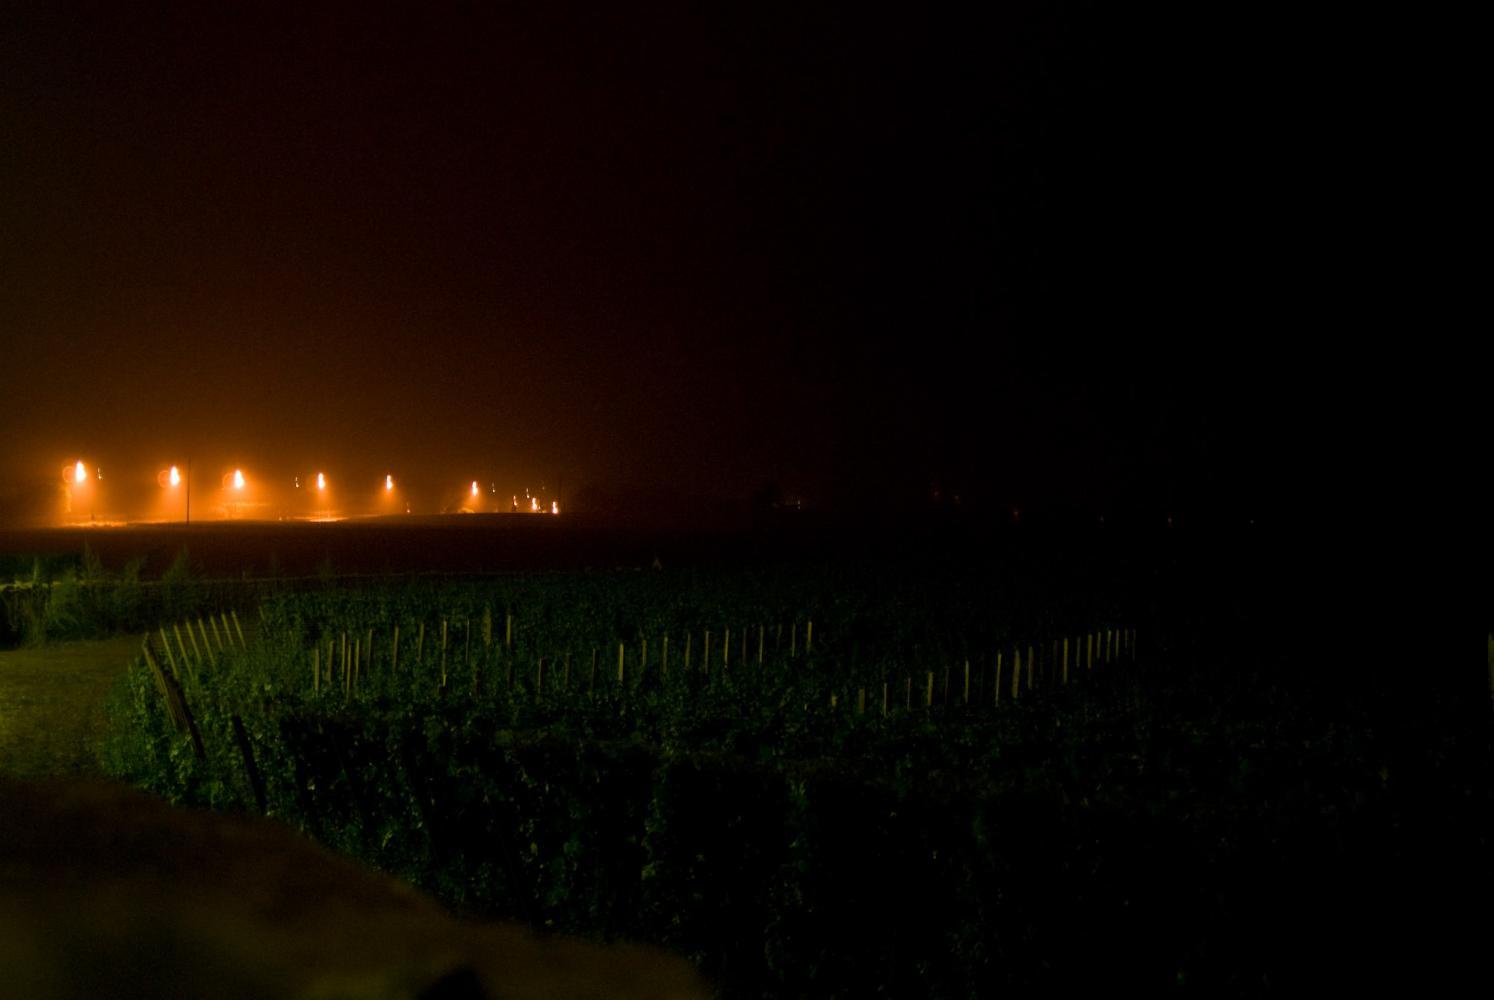 Les vignes de nuit, et au fond un alignement de lumières oranges de réverbères qui se fondent dans la brume. Chassagne-Montrachet, Bourgogne, septembre 2009.